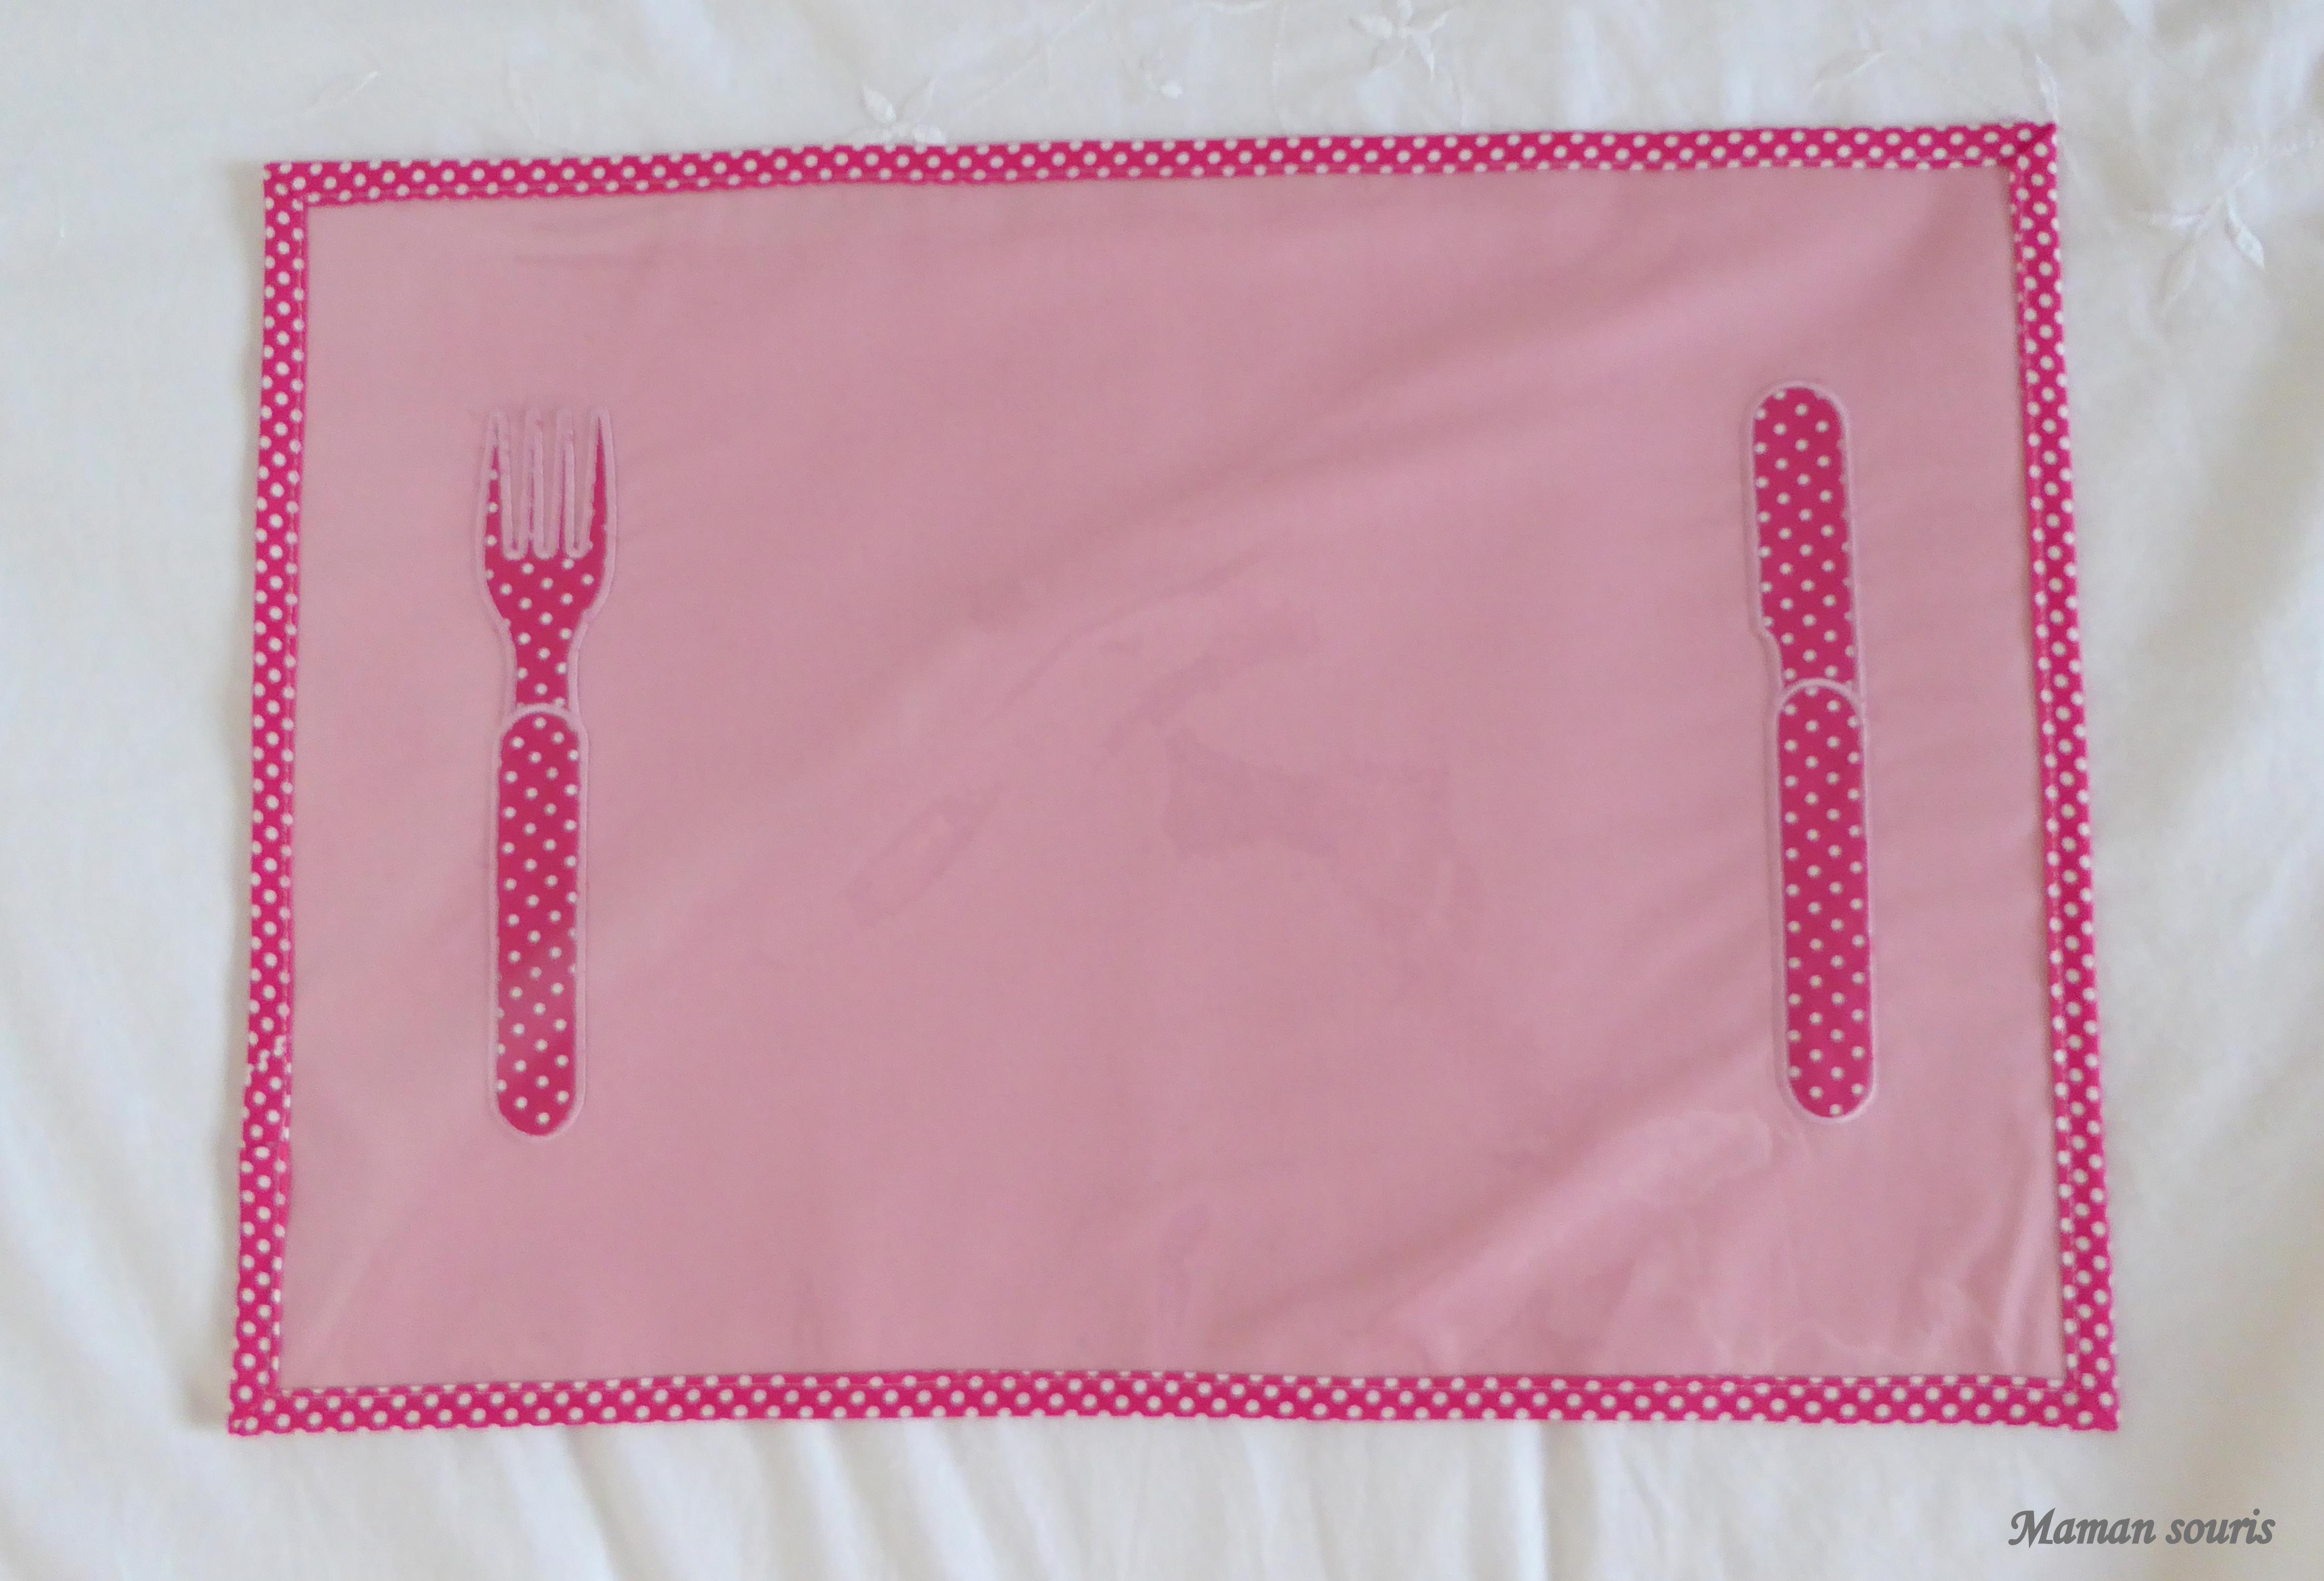 Les enfants mettez le couvert maman souris for Un set de table